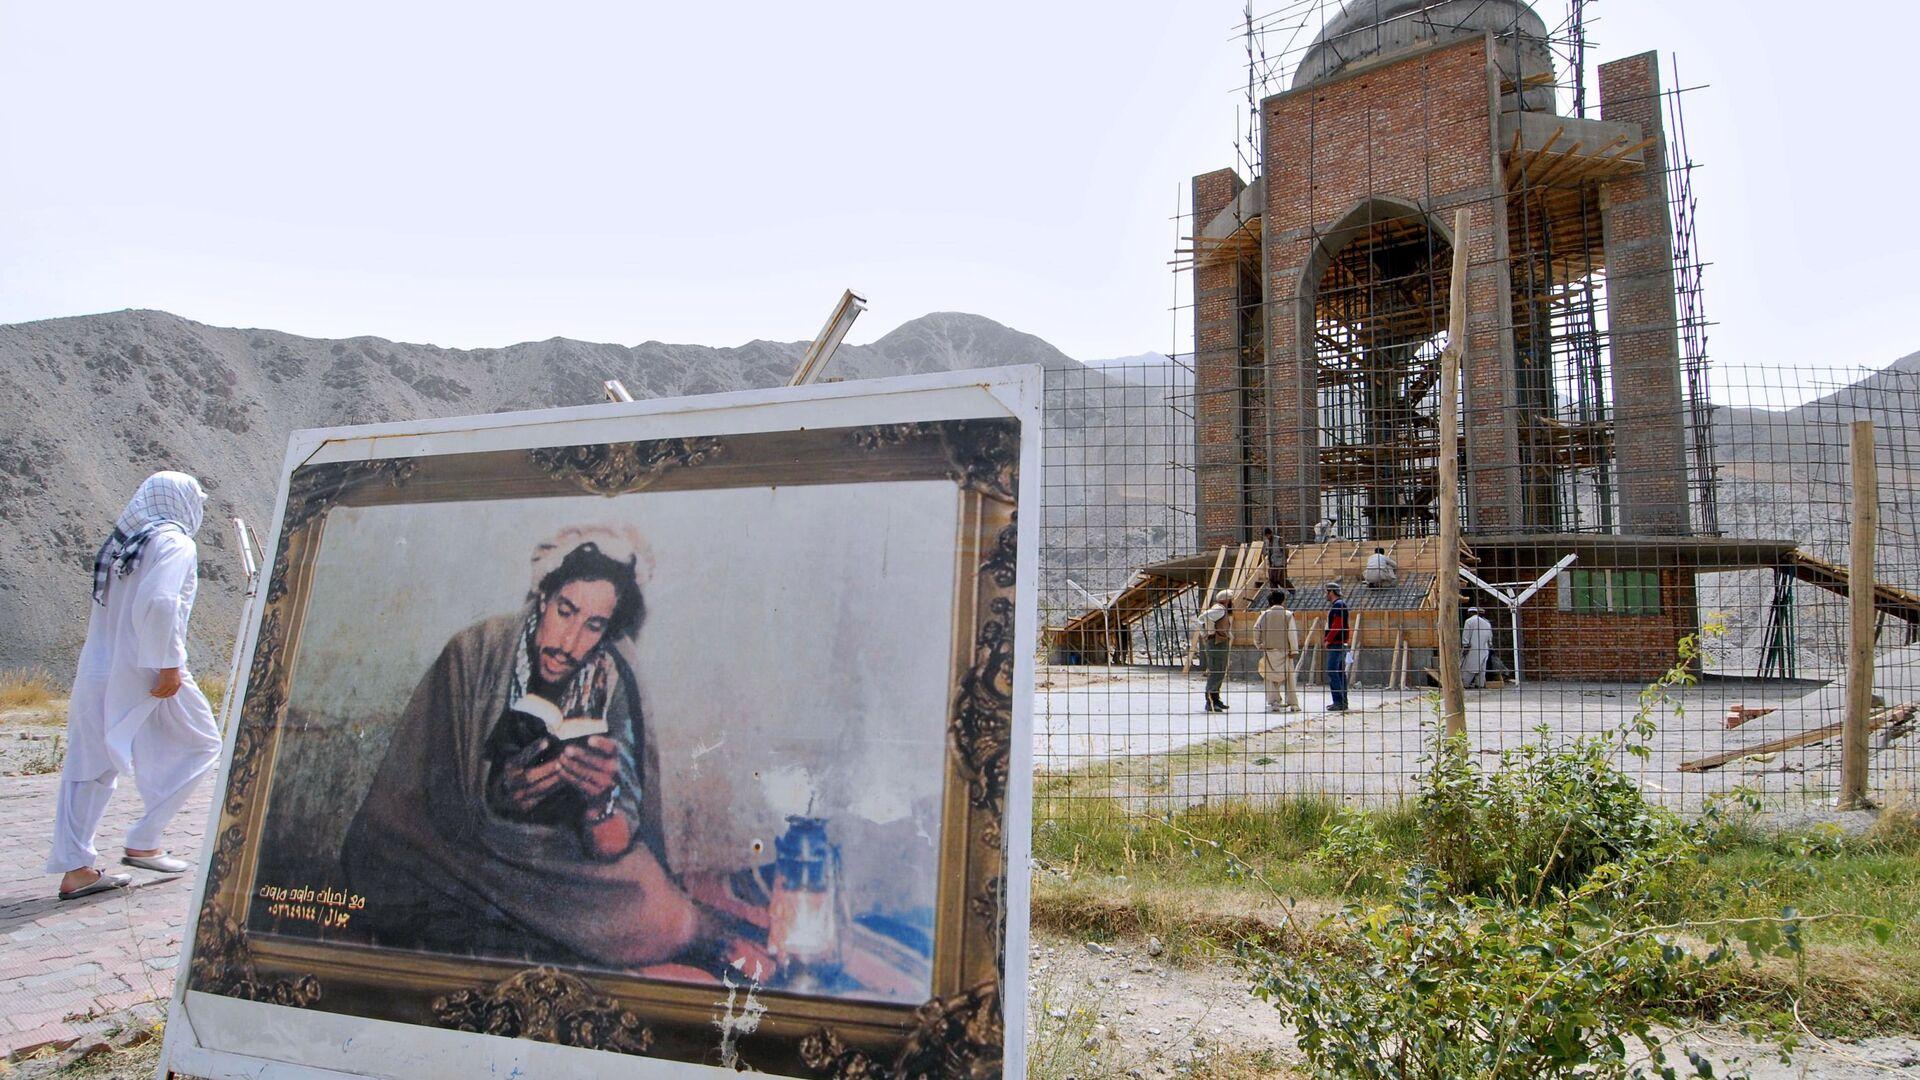 Картина с изображением Ахмад Шах Масуда, установленная возле его могилы в Панджшерском ущелье - Sputnik Тоҷикистон, 1920, 23.08.2021